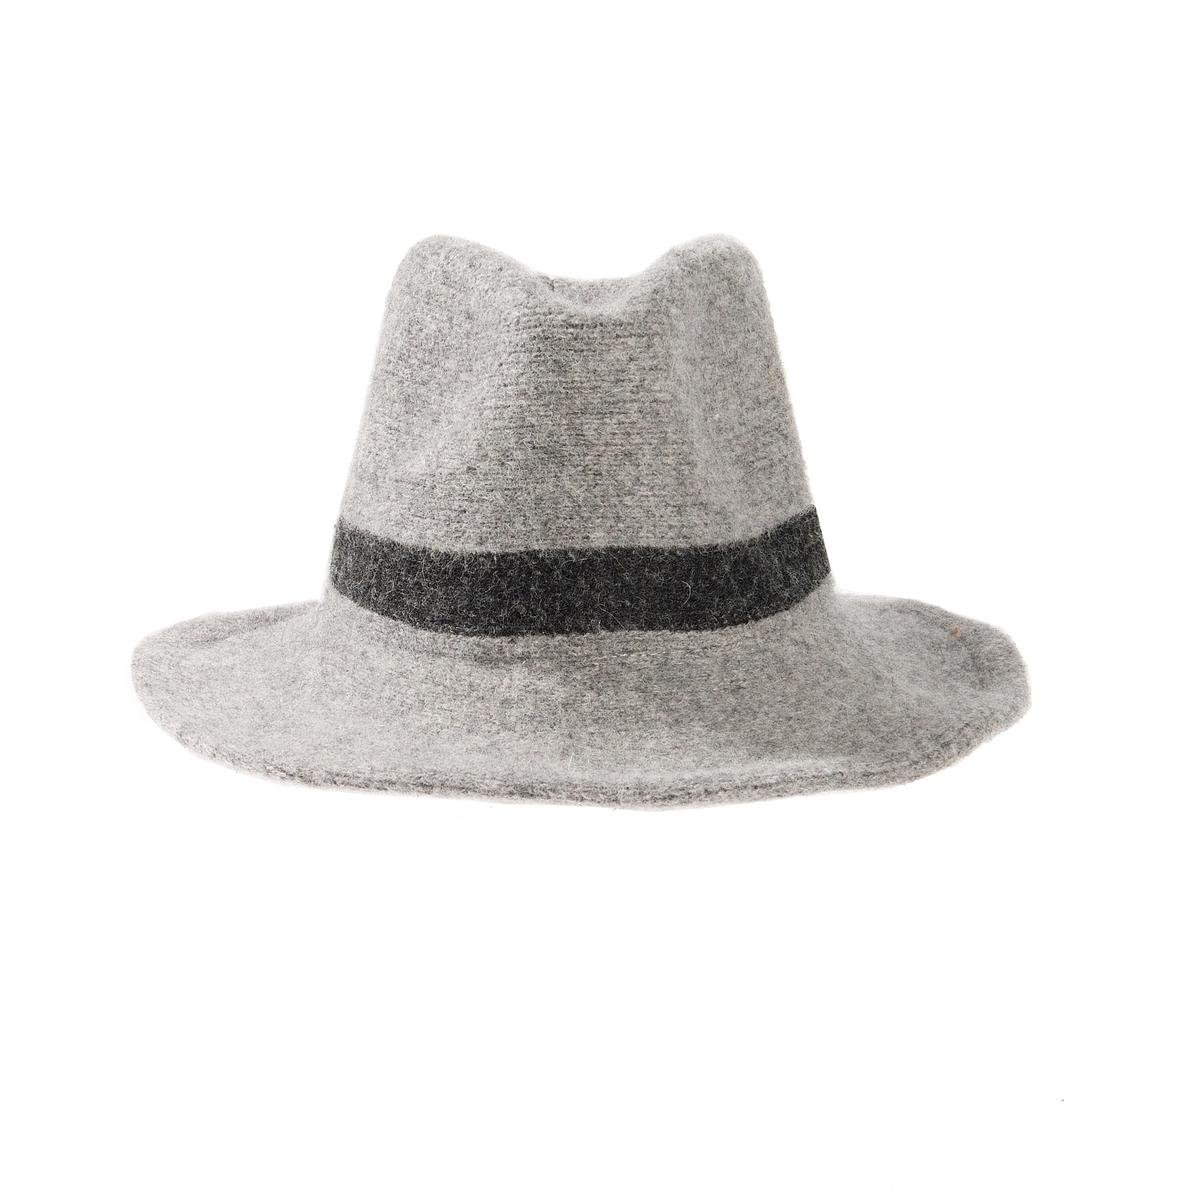 ШляпаОписание:Состав и описание :  •  Материал : акрил •  Марка :  Atelier R.  •  Размер : единый<br><br>Цвет: серый меланж<br>Размер: единый размер